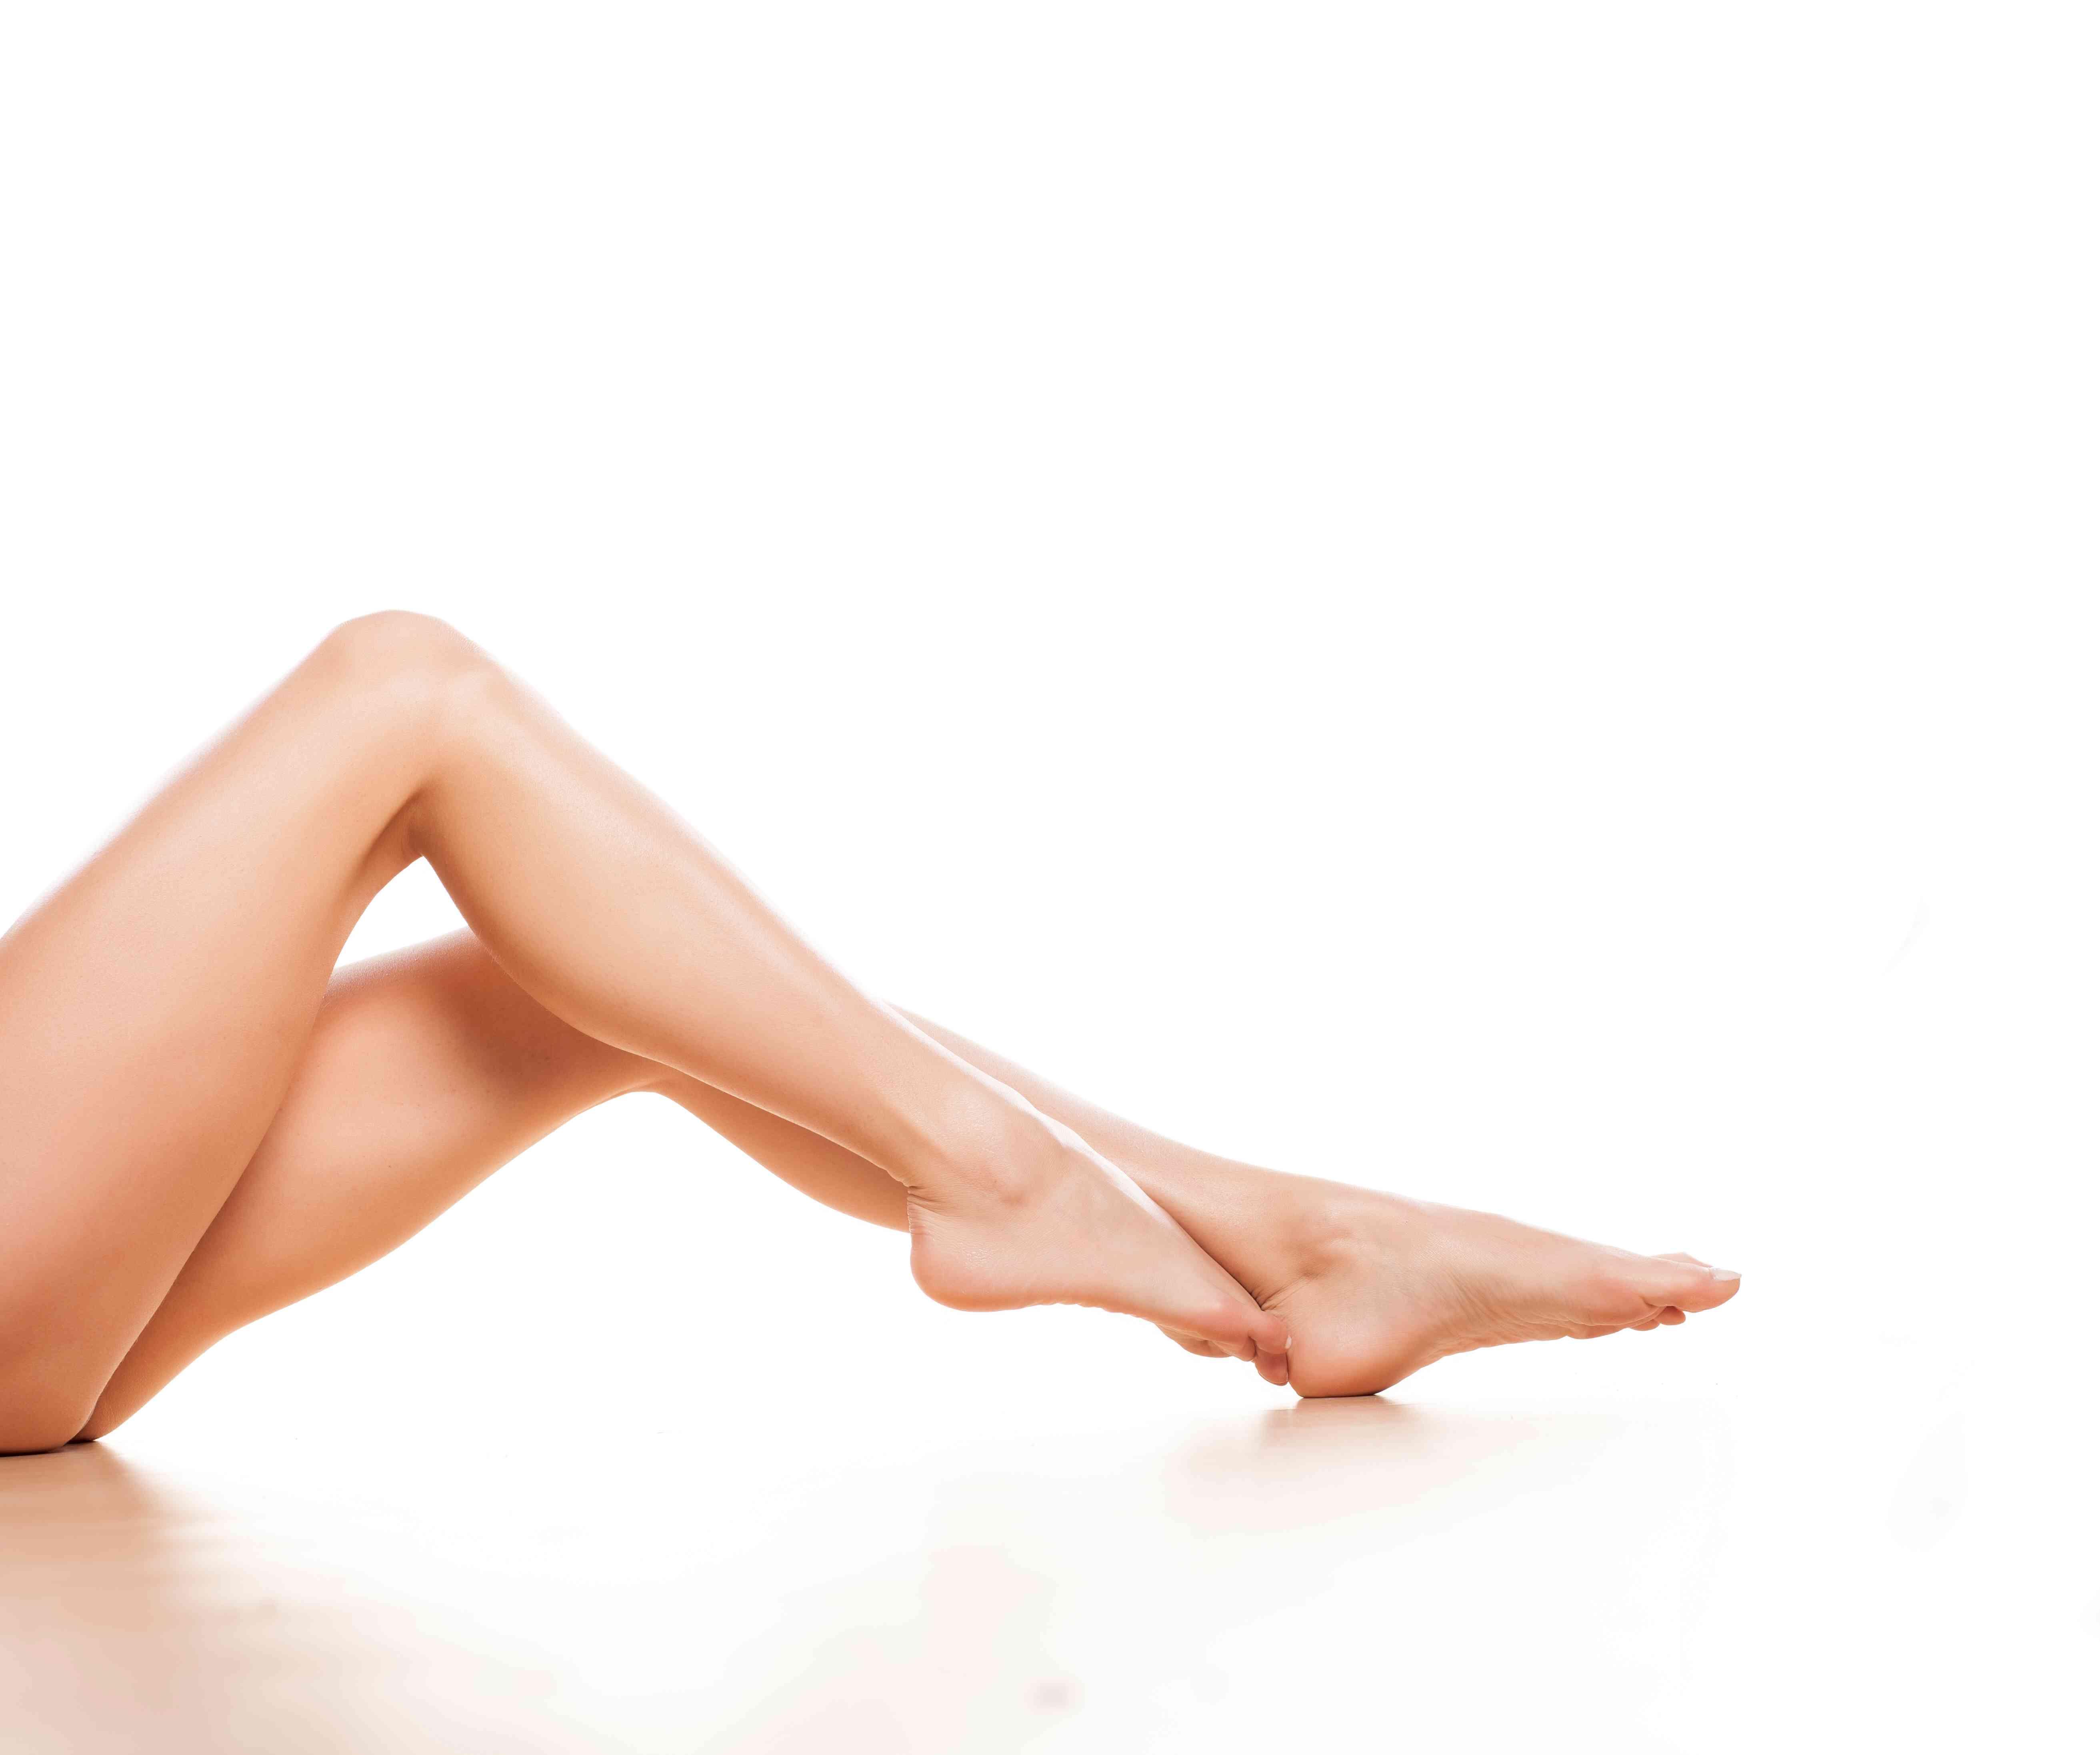 Nenechte si zkazit krásu mykózami kůže nebo nehtů